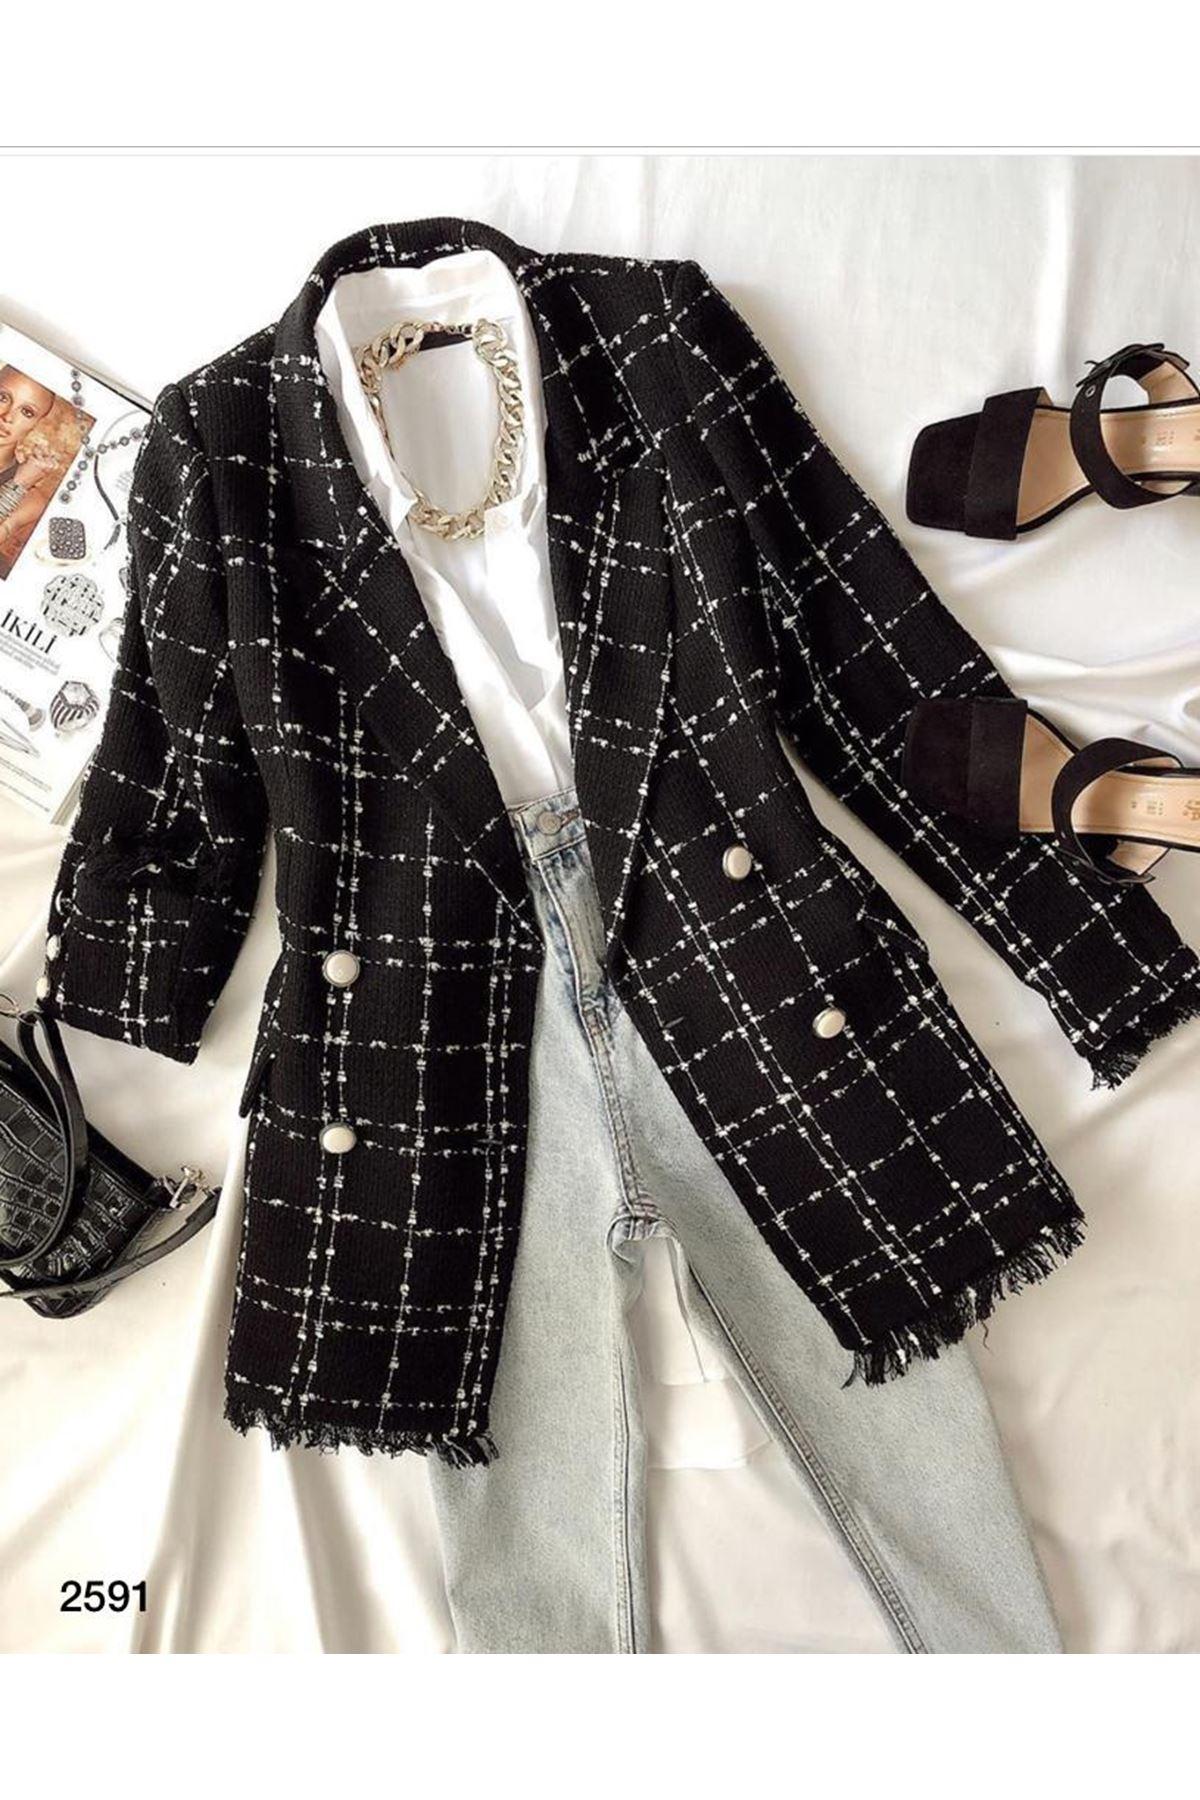 Düğme Detaylı Ceket - siyah